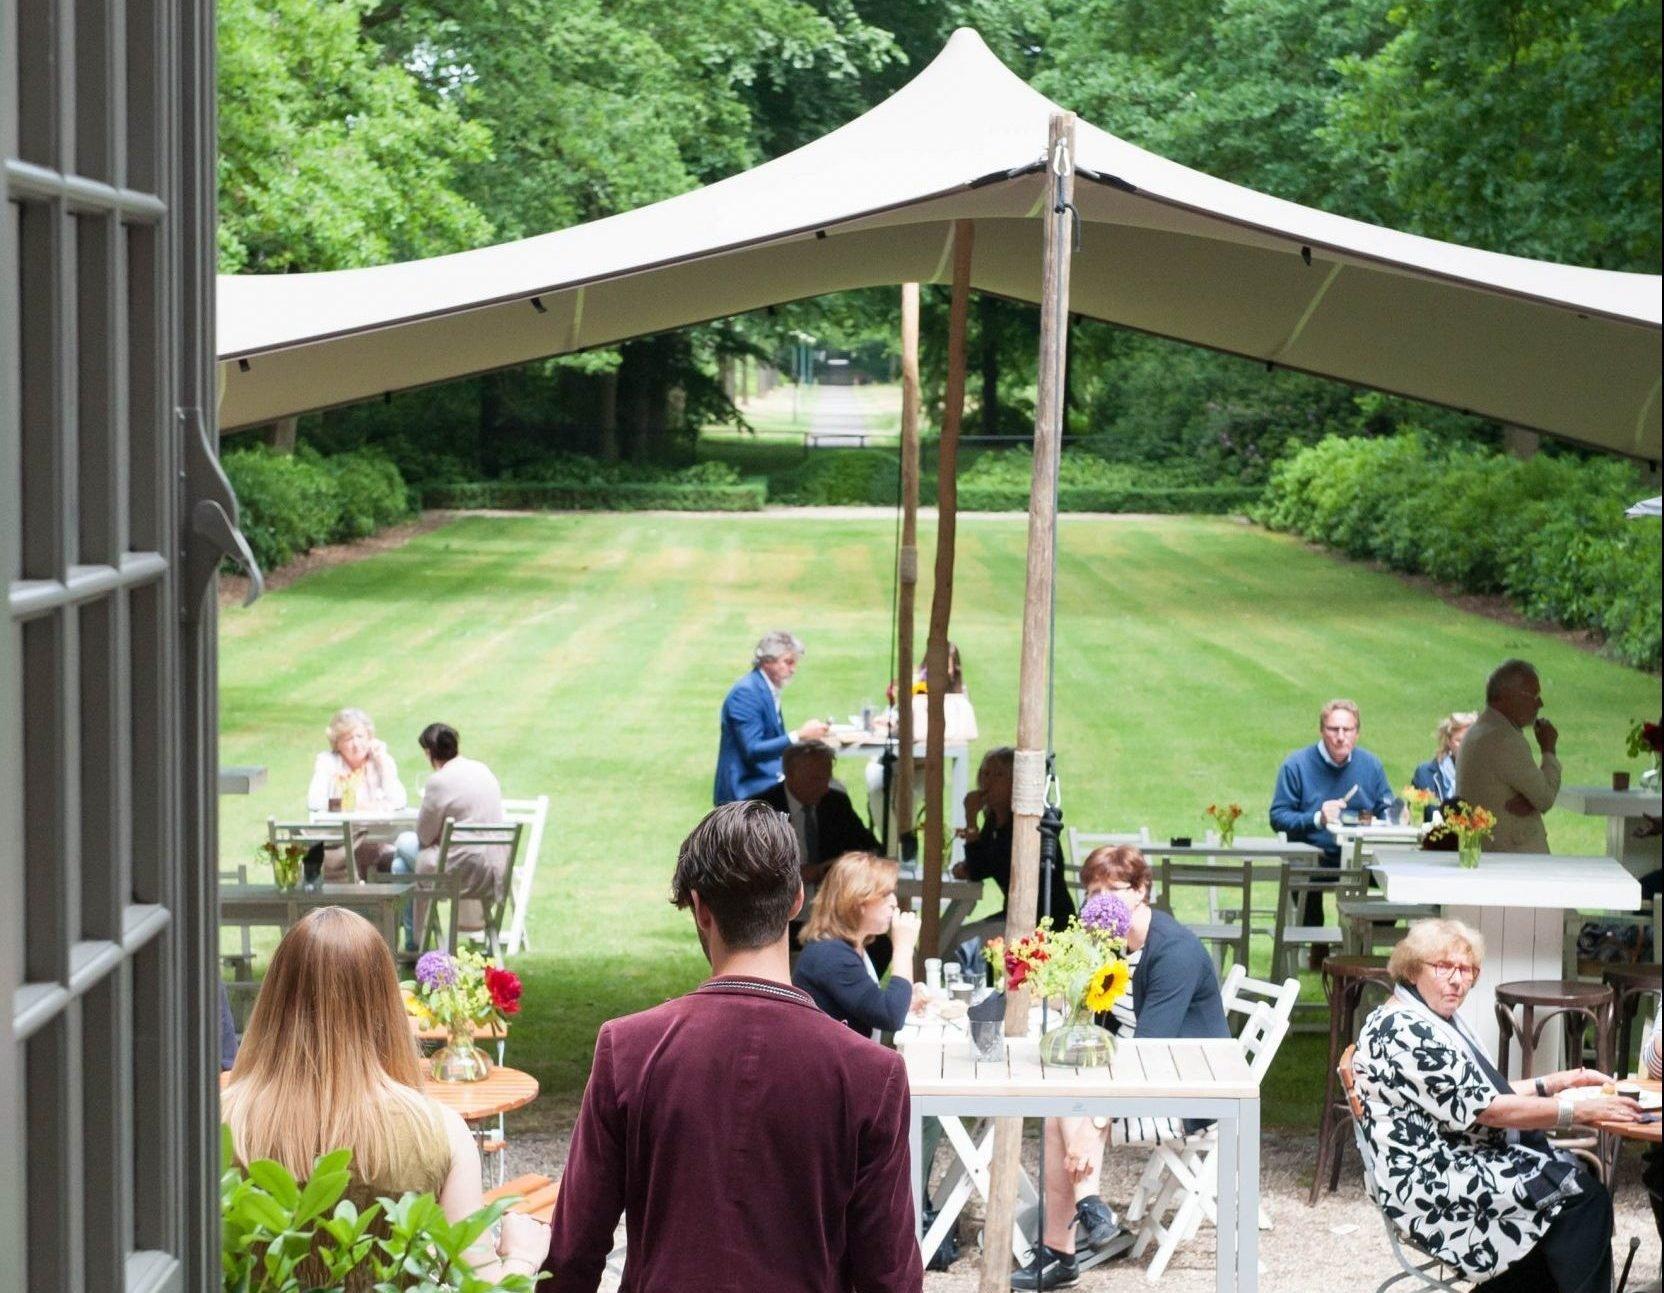 Lunchen in de tuin bij Het Juweel Sparrendaal in Driebergen